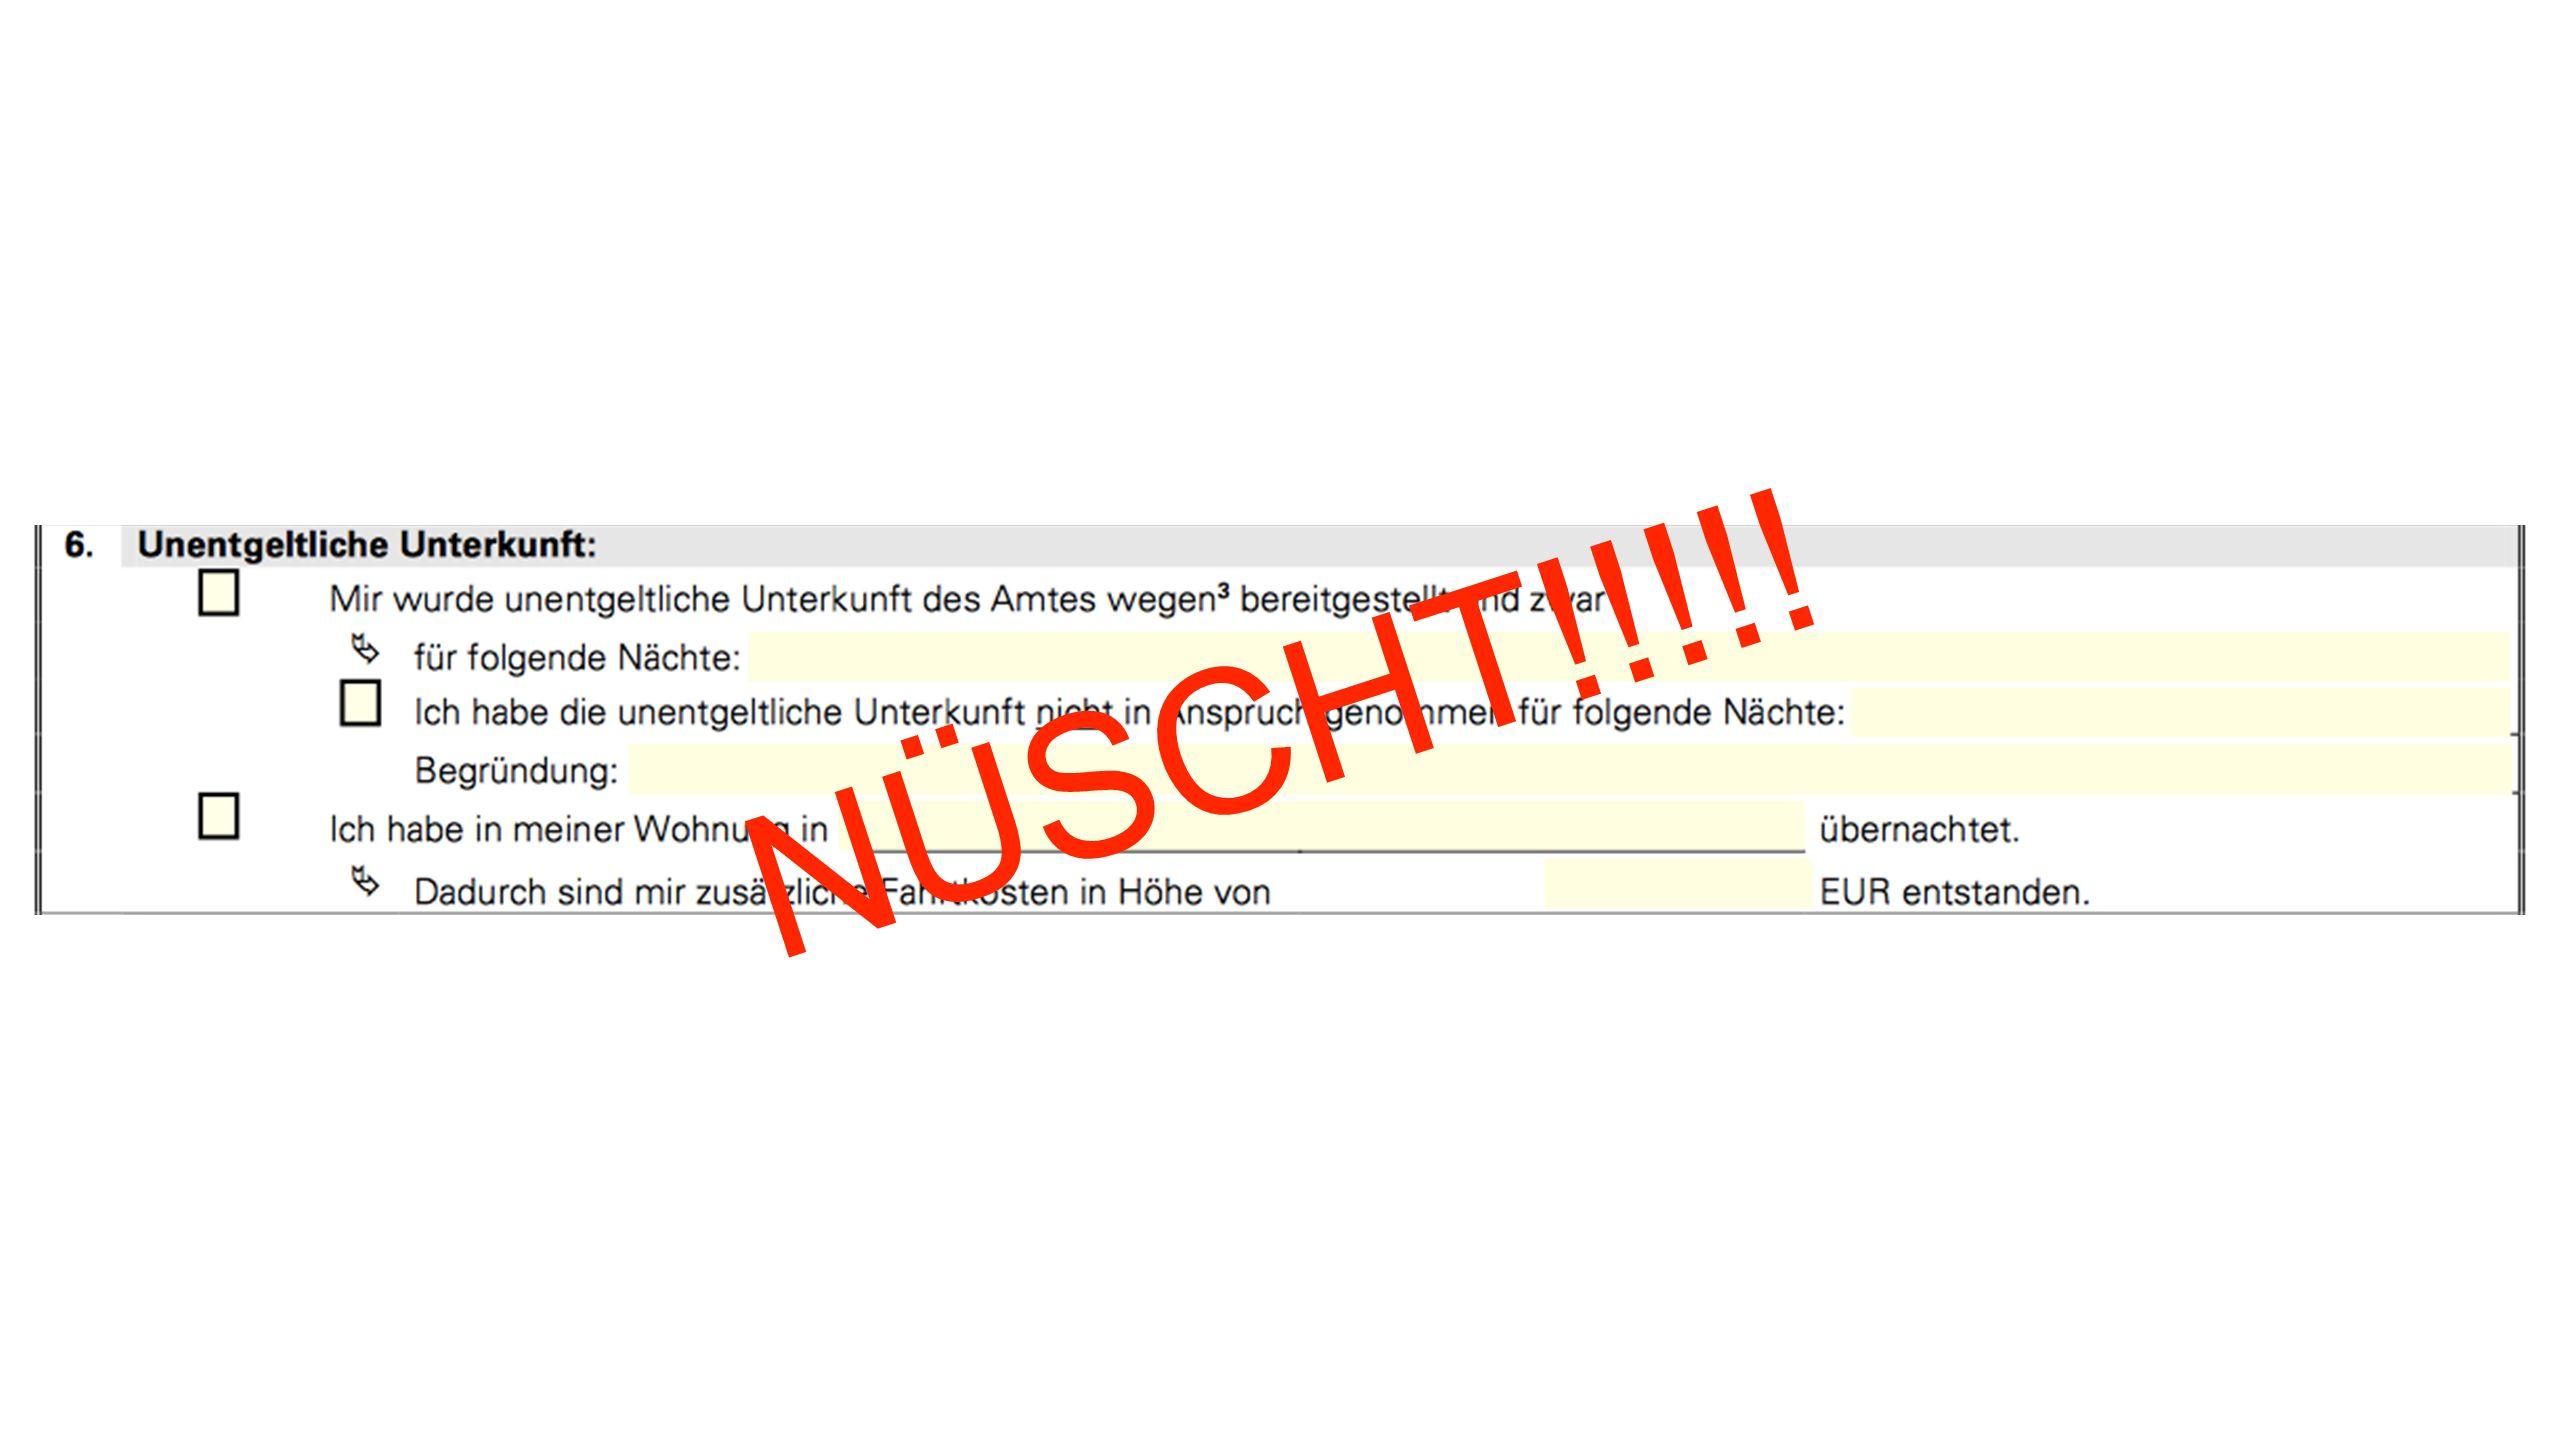 Gegebenenfalls bei Mitnahme von Personen im Auto MUSTERMANN, MARTINMUSTERSCHULESTADT AGENF X ANSONSTEN NÜSCHT!!!!!